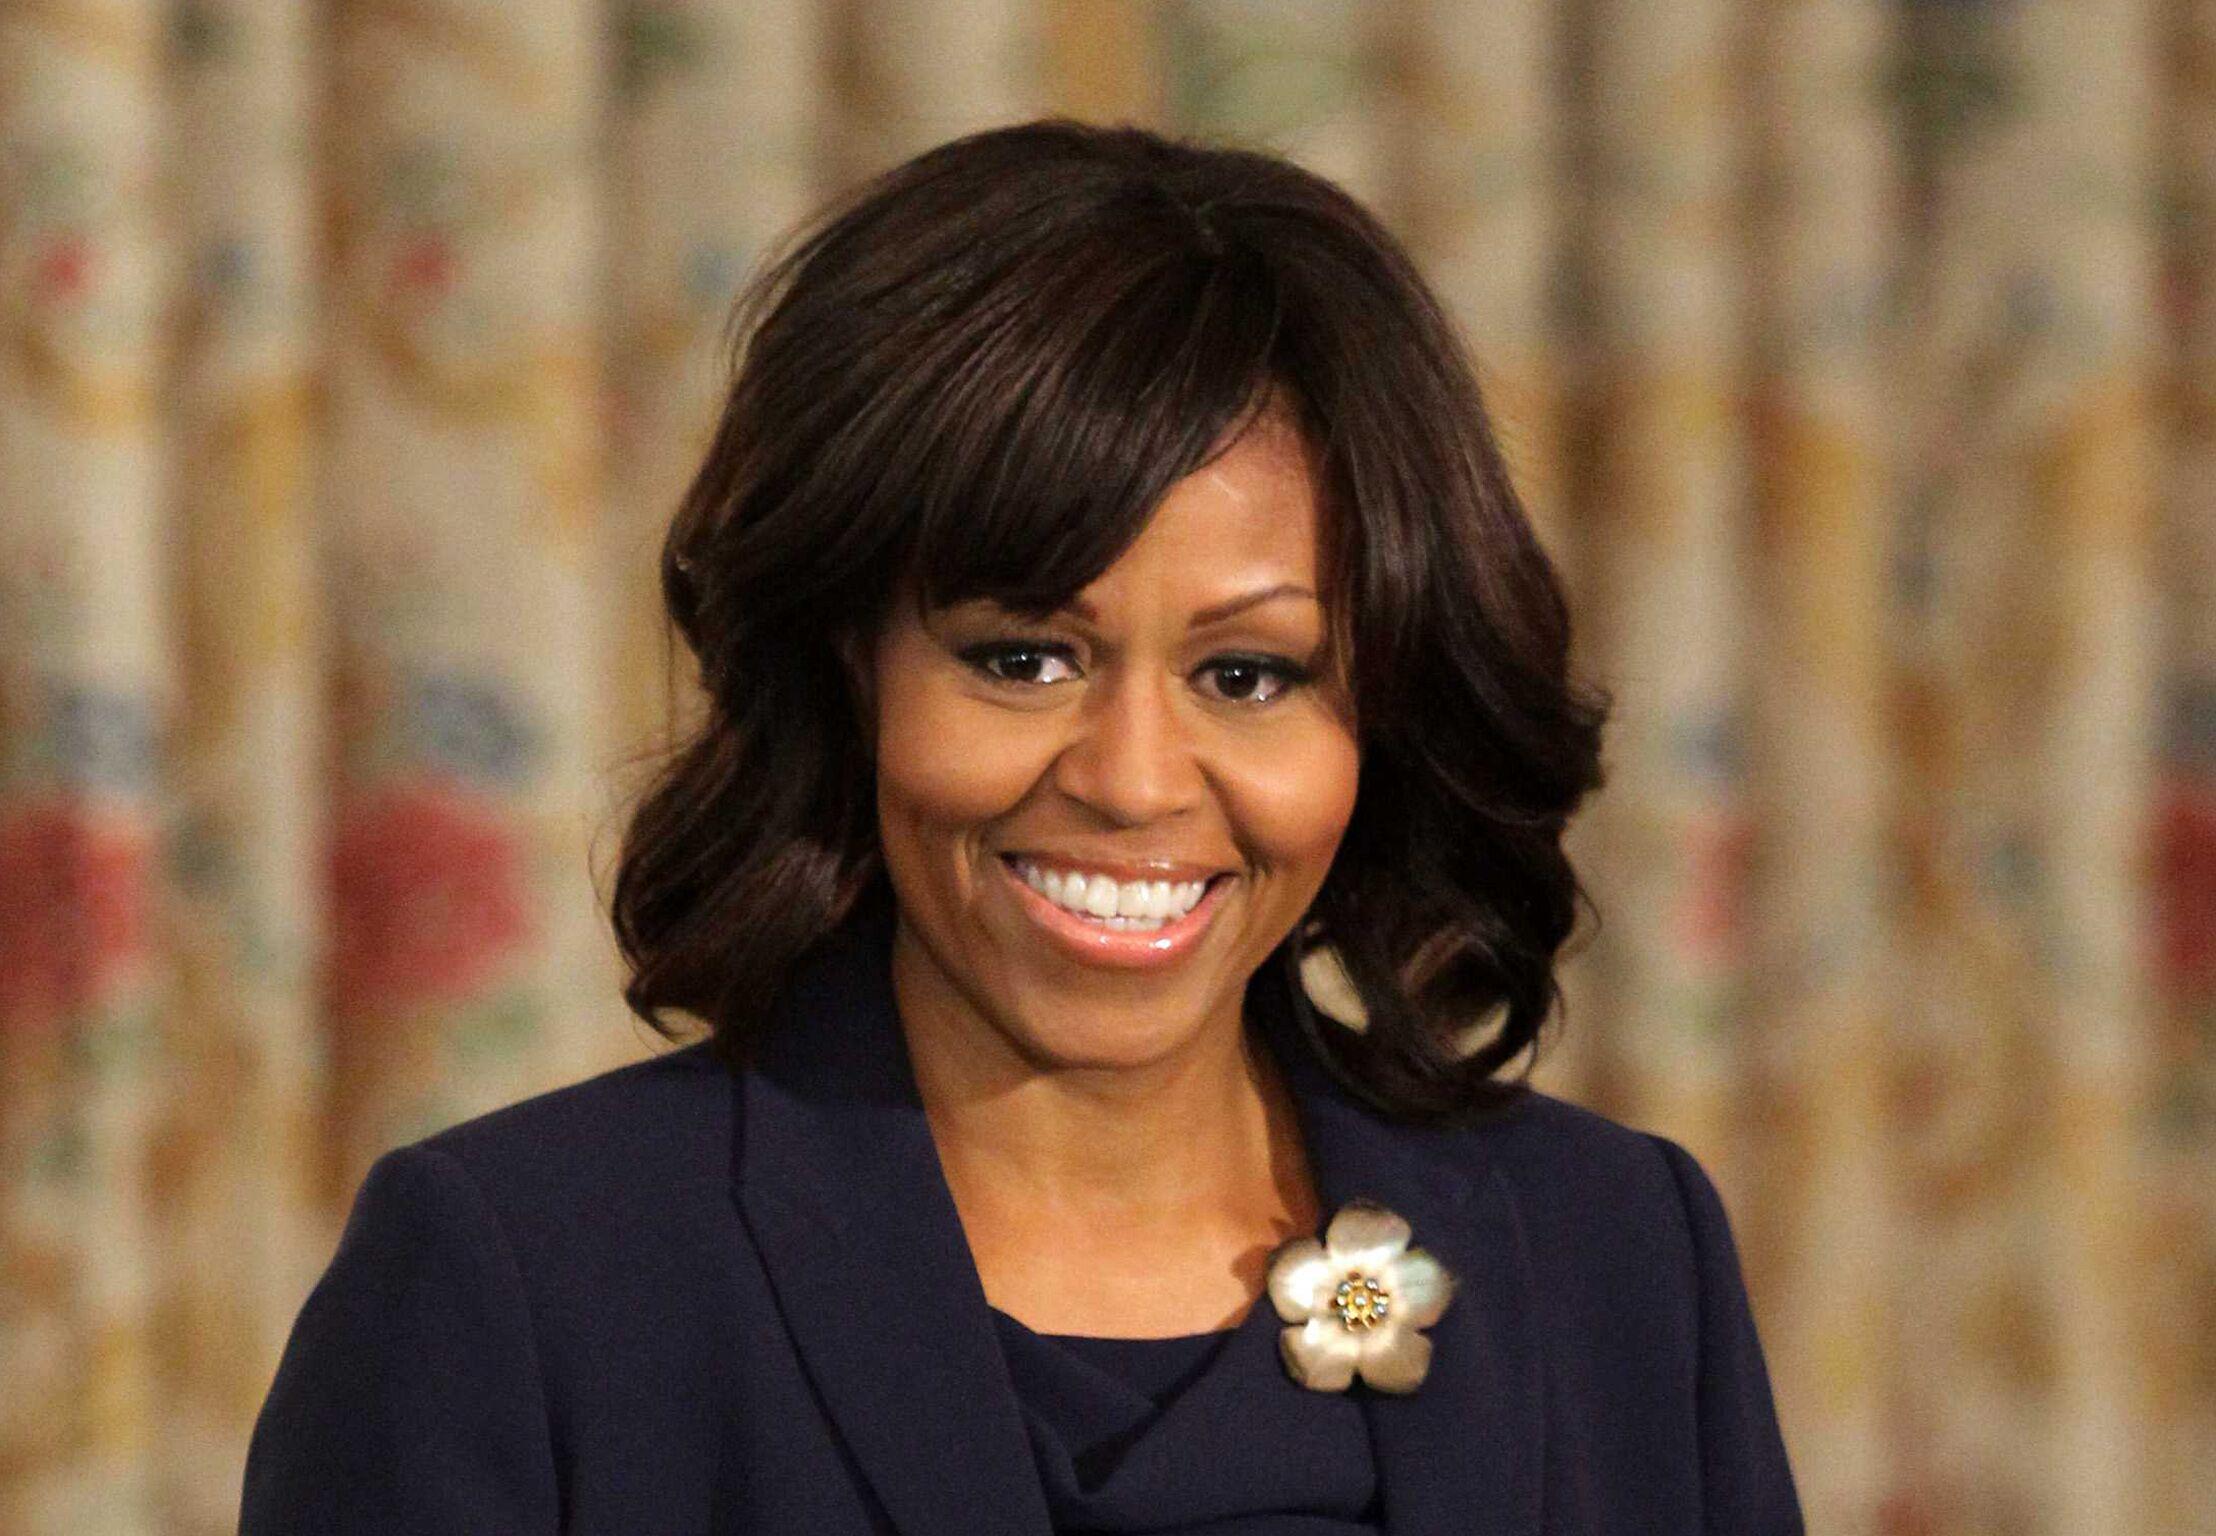 Michelle Obama rencontres conseils pour ses filles Comment faire face à sortir avec un gars dans l'armée